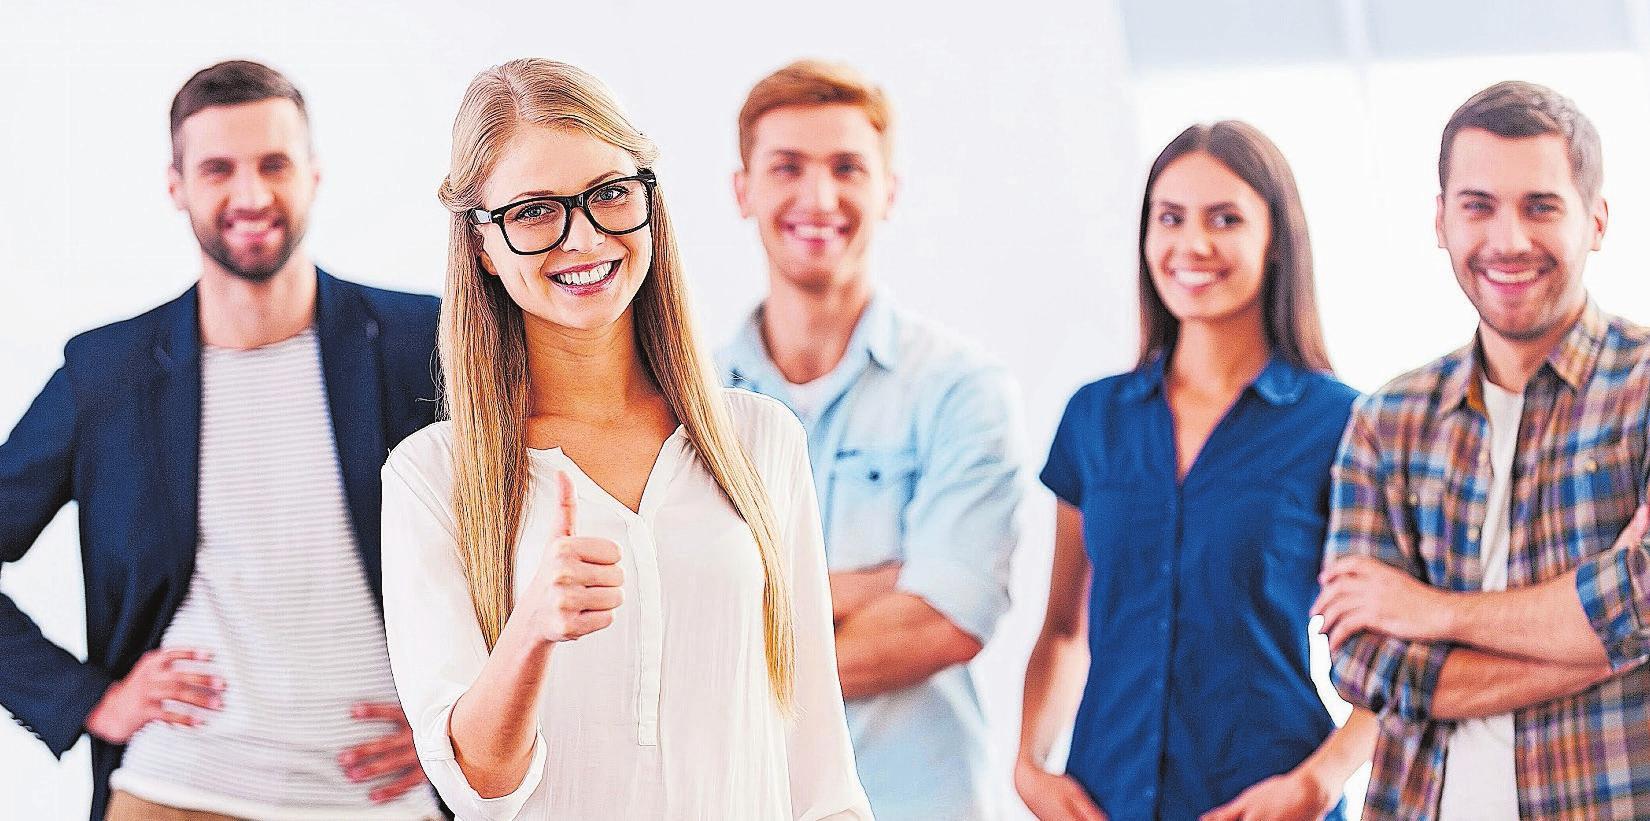 Gezielte Weiterbildungen und Sprachkurse eröffnen neue Chancen im Berufsleben. Bild: PD